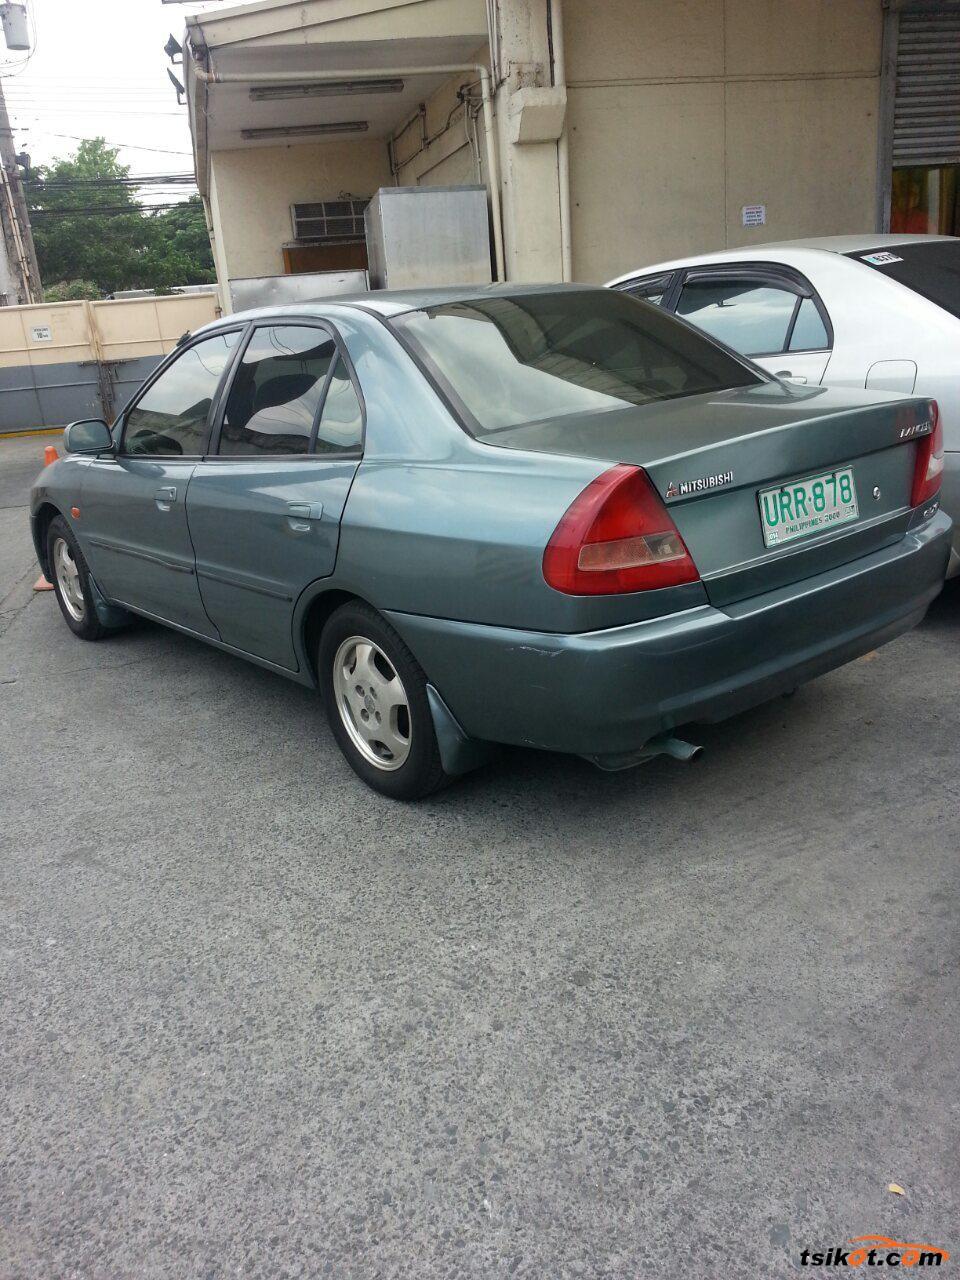 Mitsubishi Lancer 1997 - 3